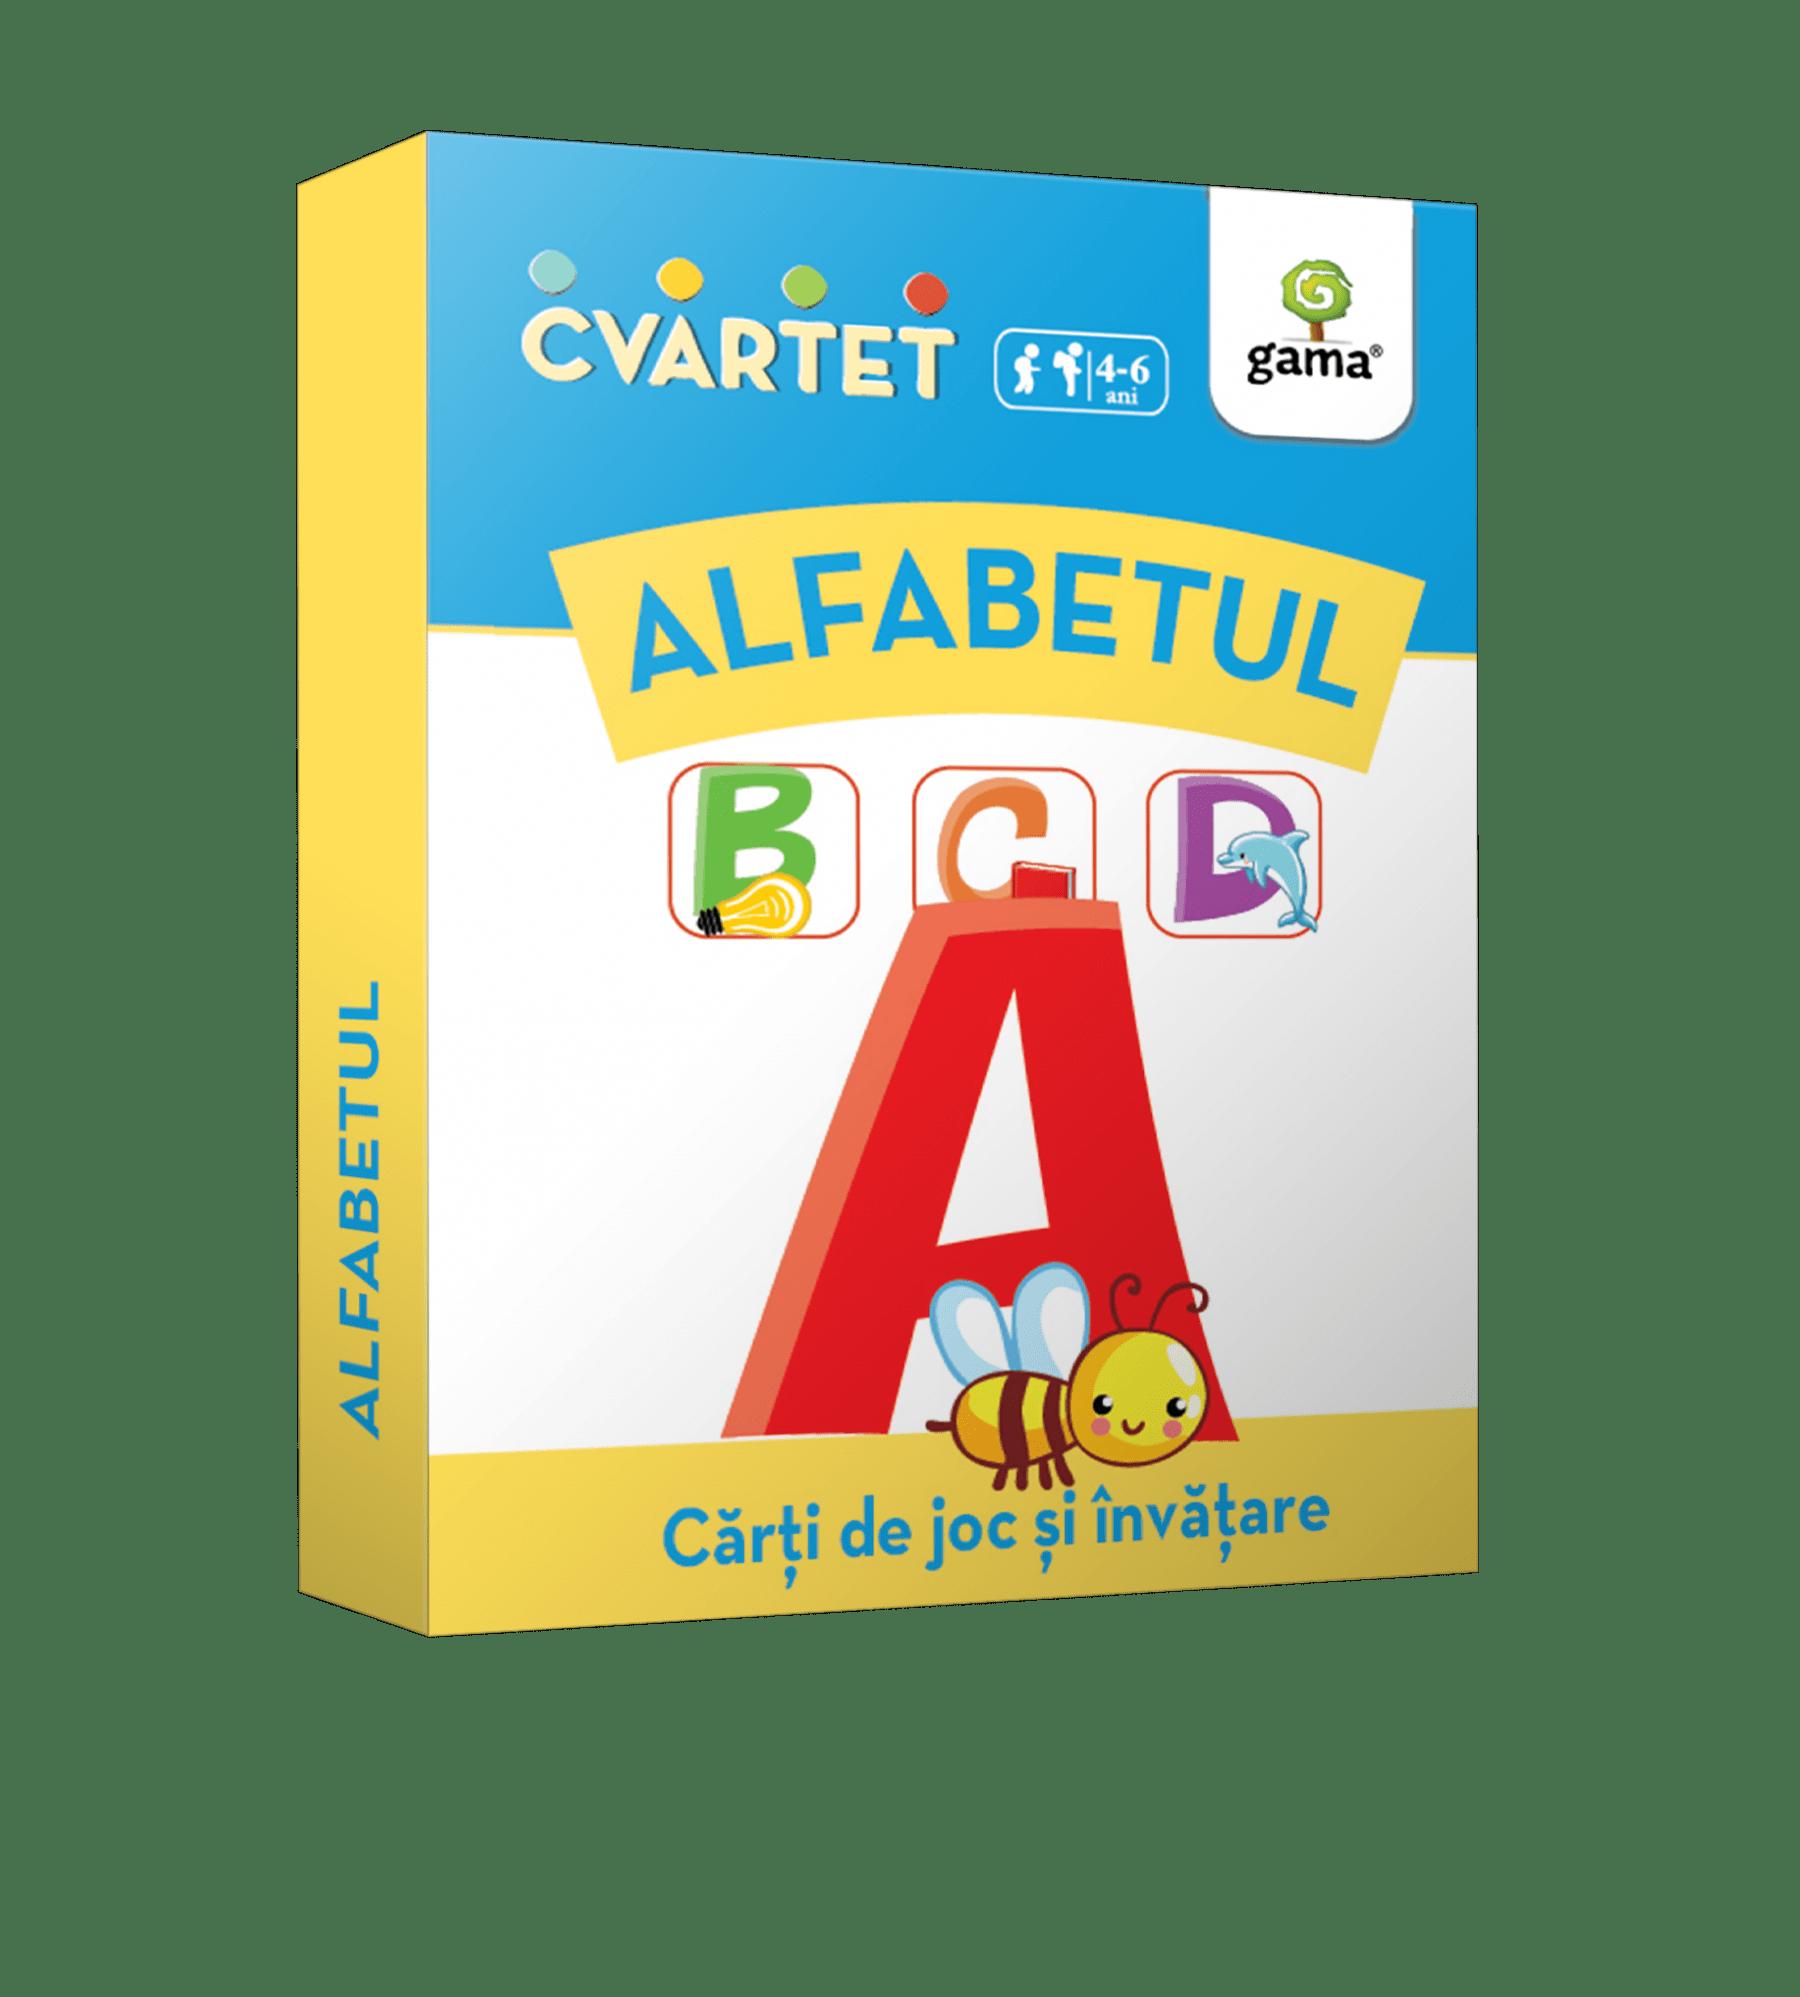 cutie_alfabetul_cvartet